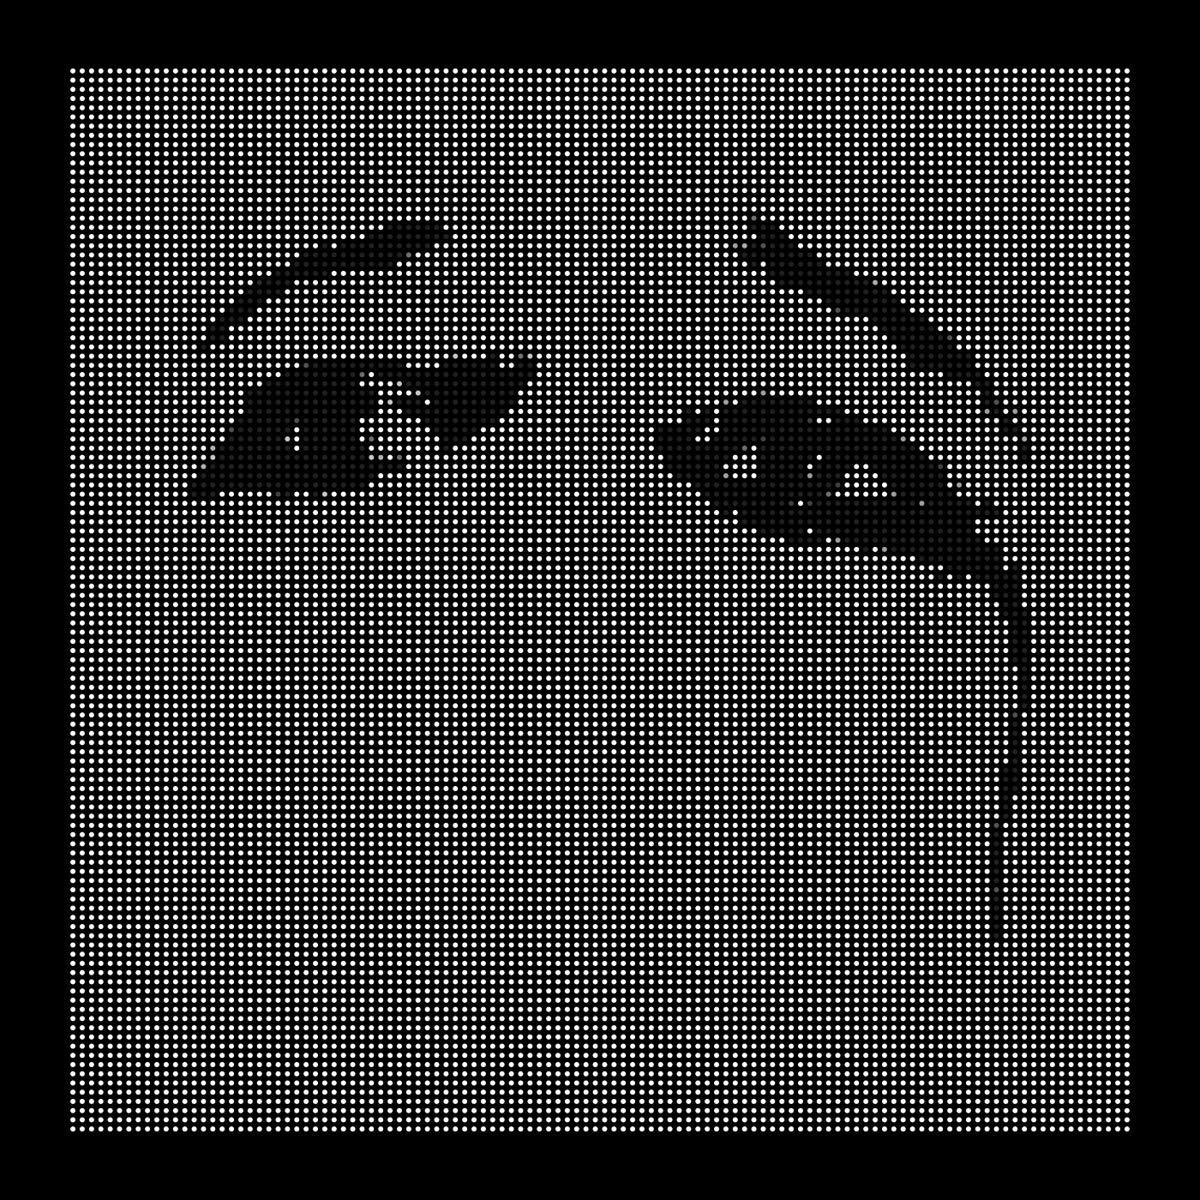 Deftones - Ohms (2020) [FLAC] Download